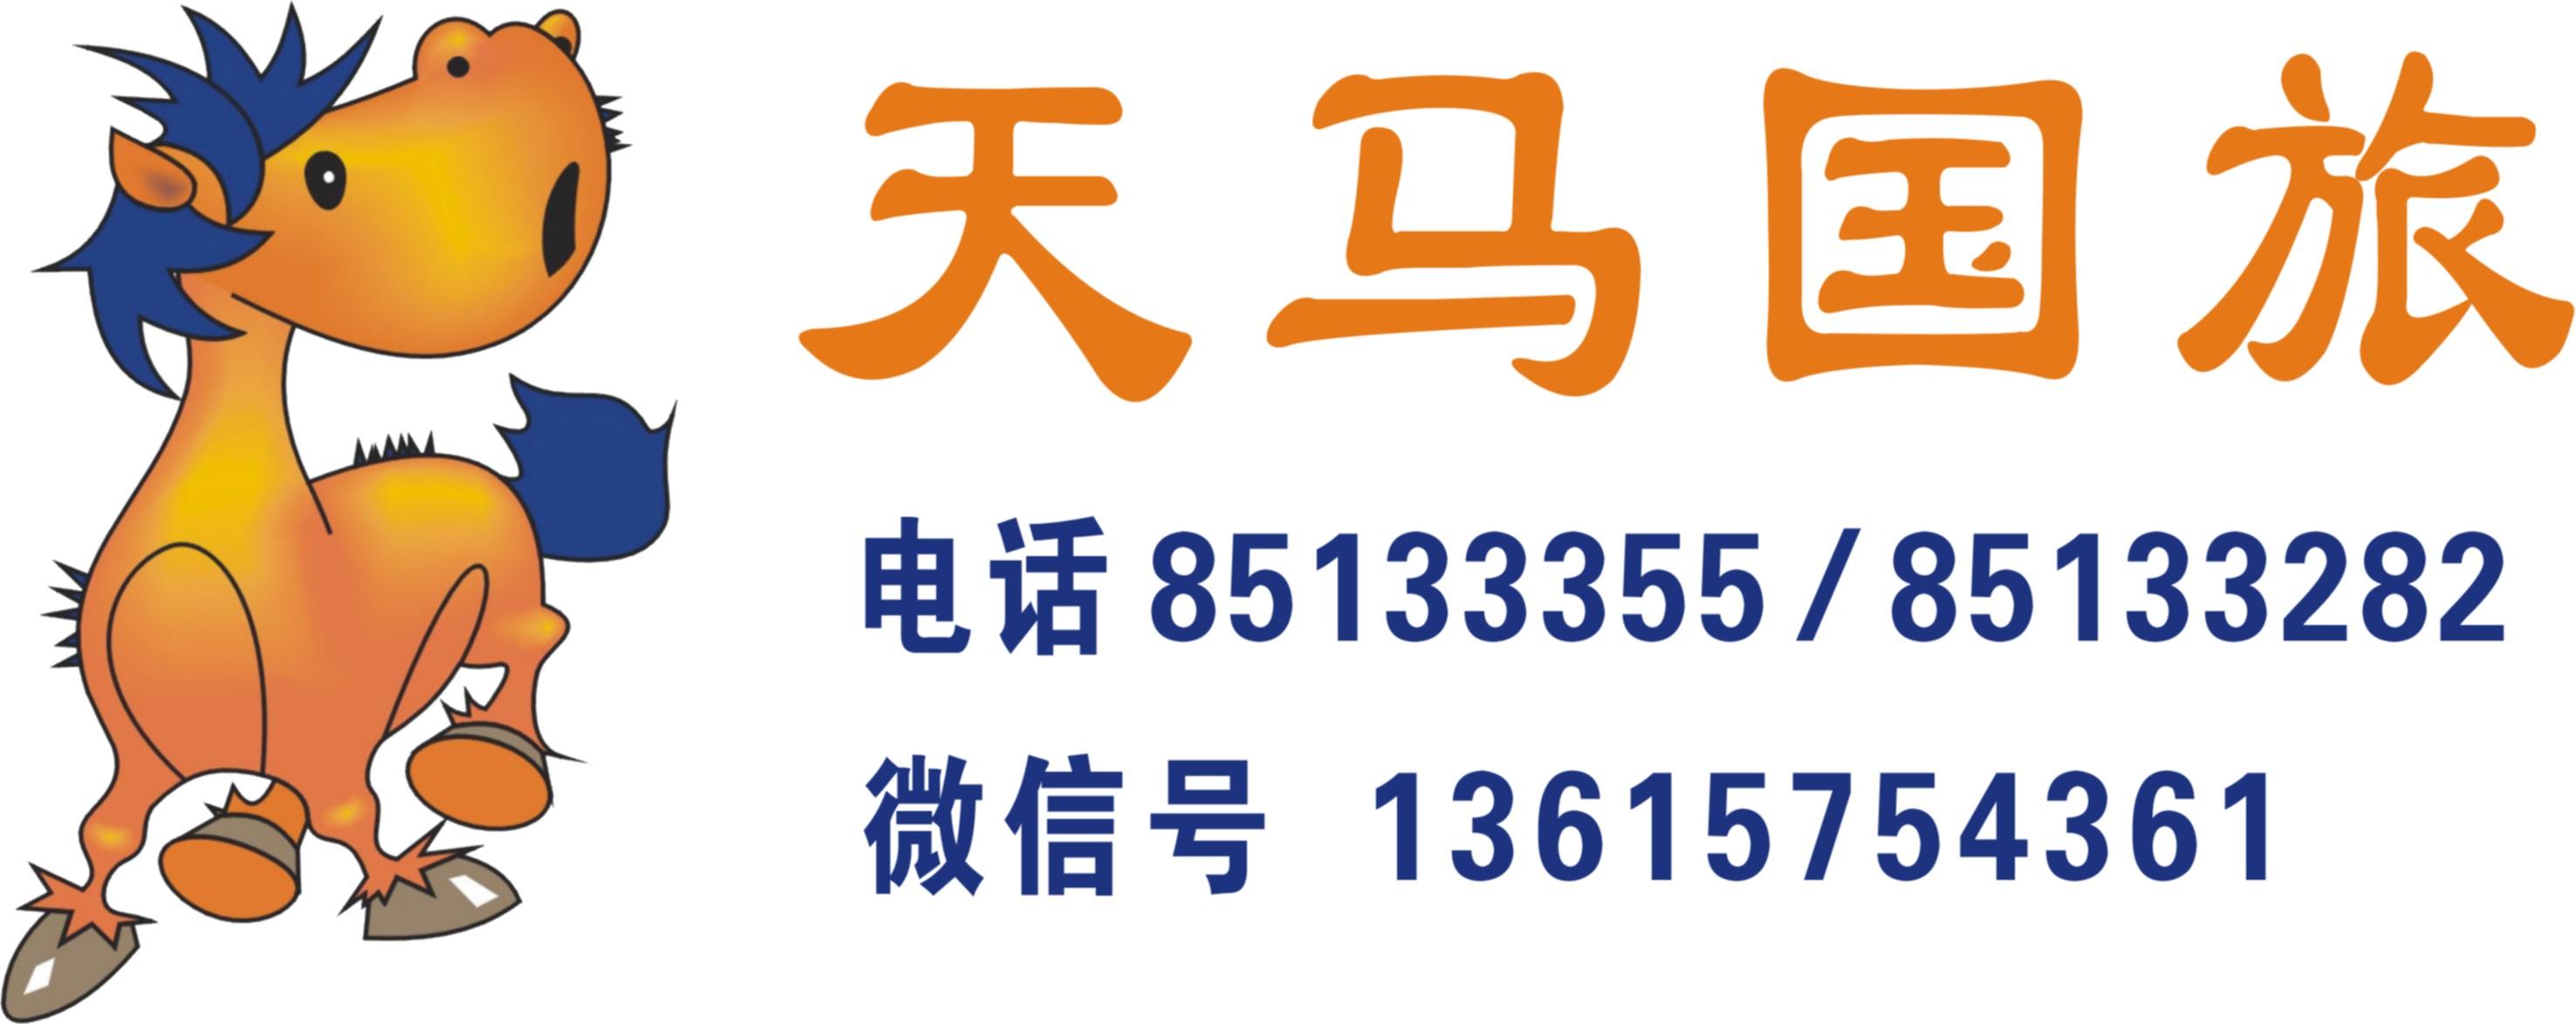 12月【悠游鹭岛 厦门鼓浪屿、云上厦门、南普陀双动品质三日】